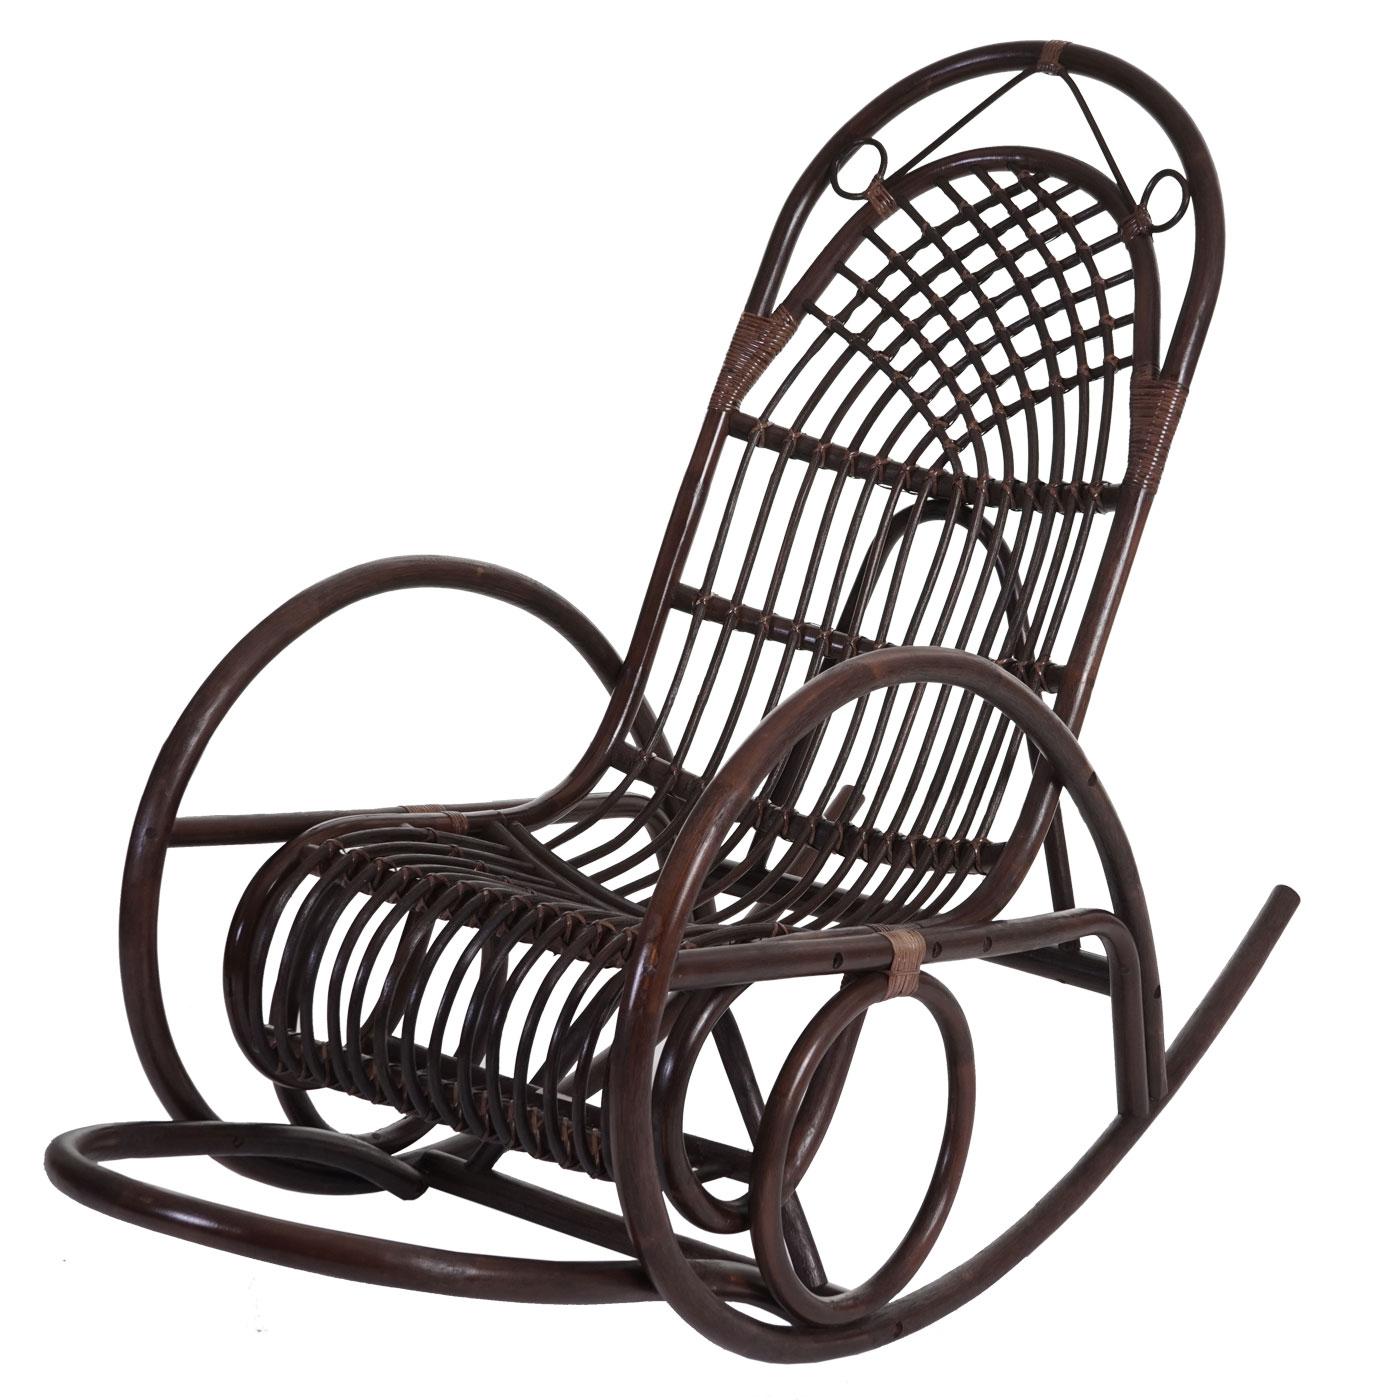 Sedia a dondolo hwc c40 139x58x110cm legno poliestere for Cuscino x sedia a dondolo